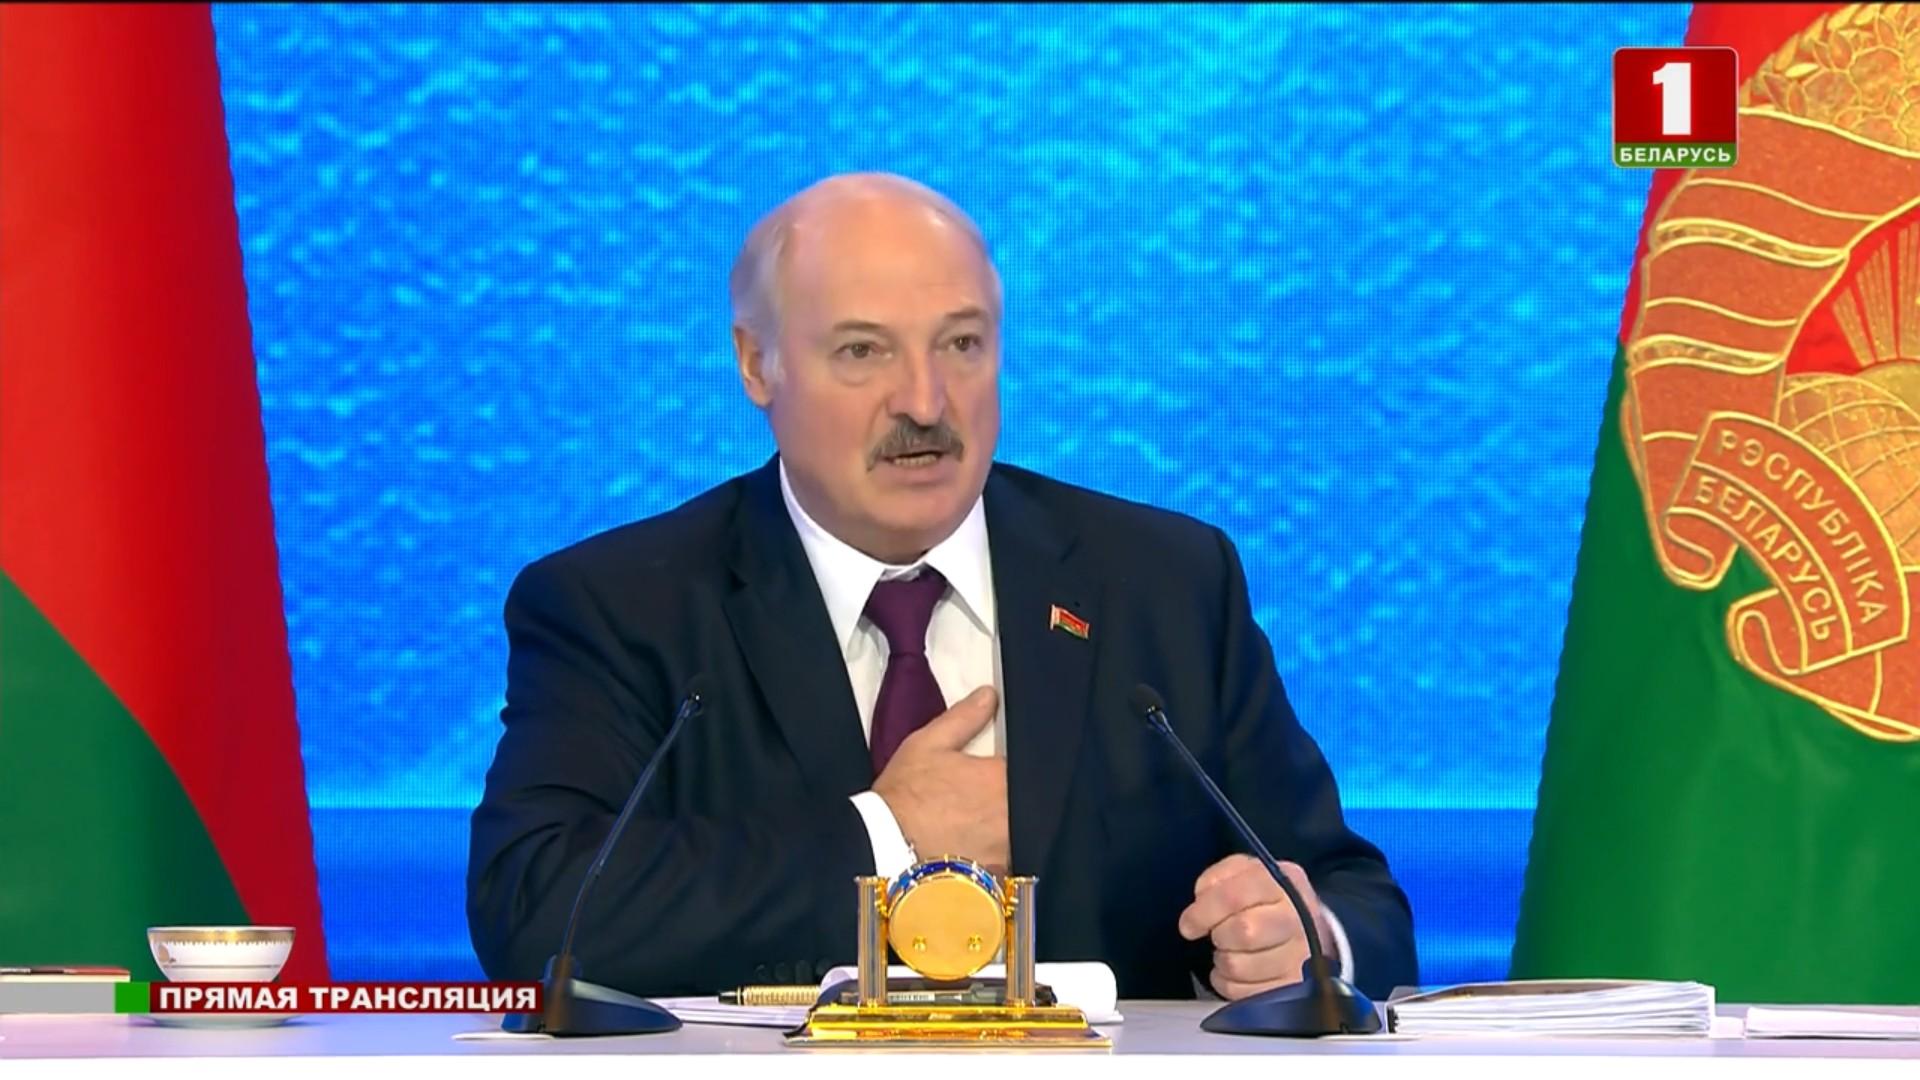 1 марта 2019 года. Большой разговор с президентом Александром Лукашенко. Кадр из видео